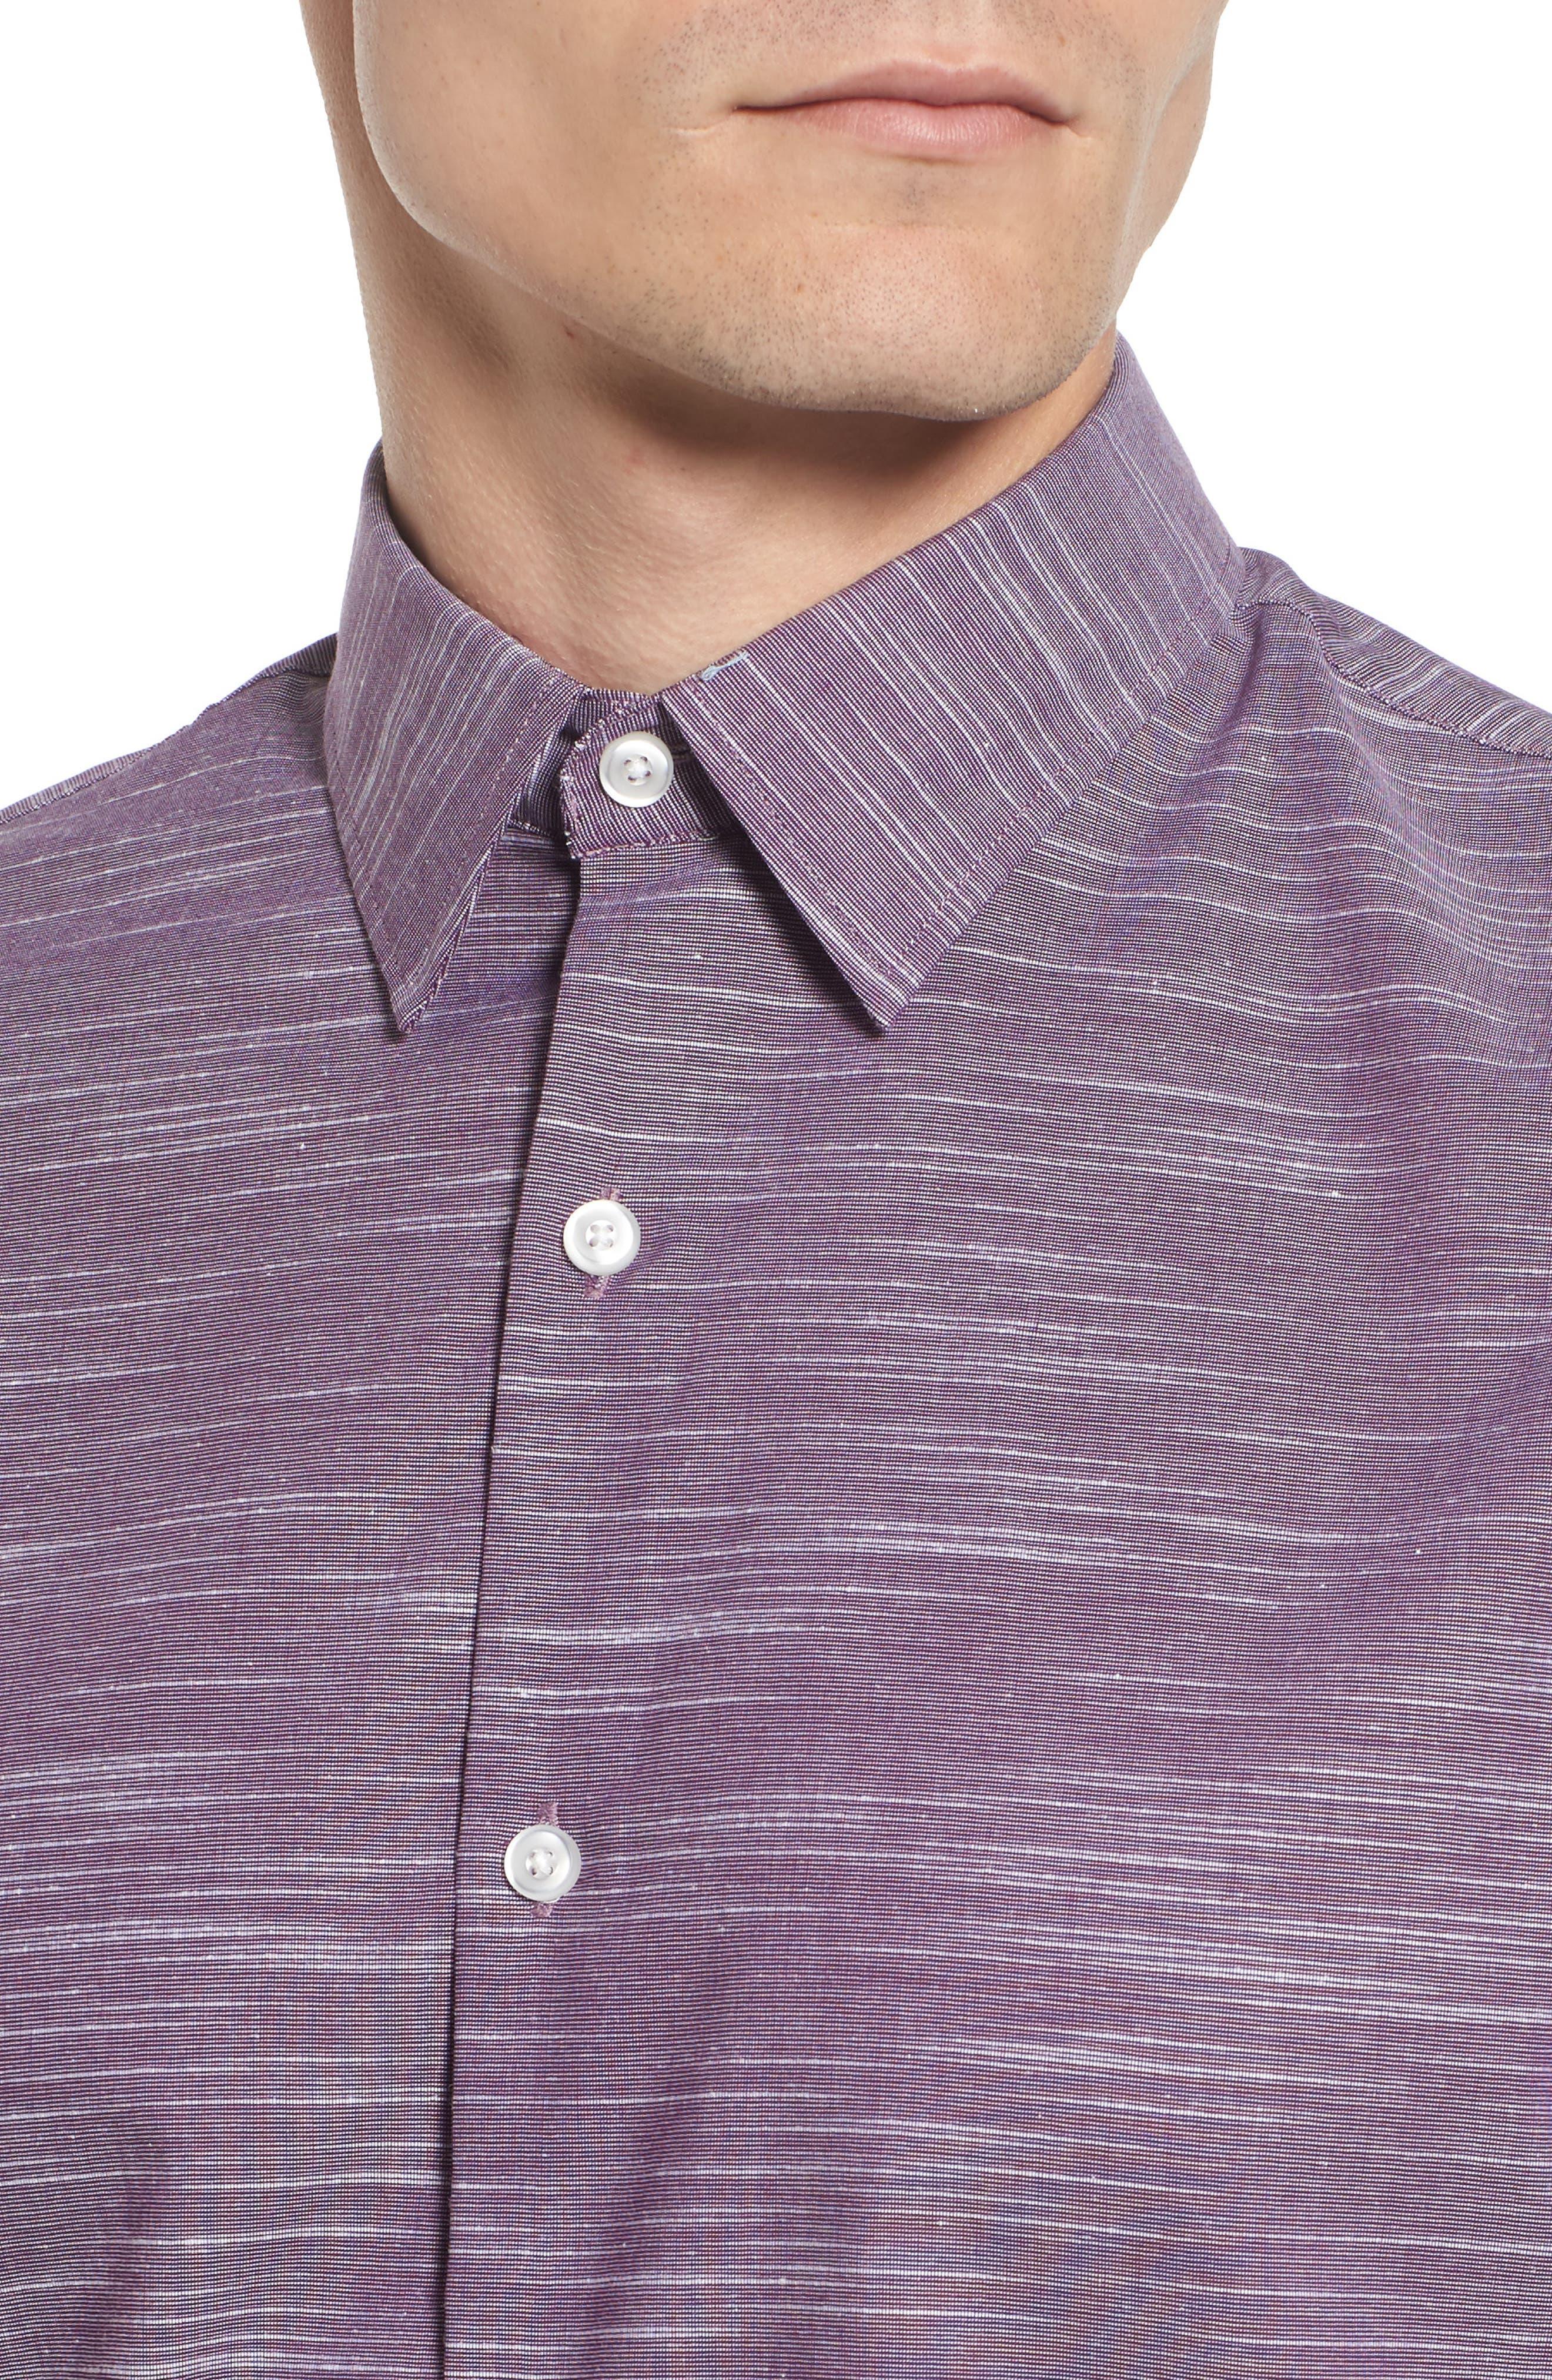 Calilbrate Slim Fit Slub Woven Shirt,                             Alternate thumbnail 12, color,